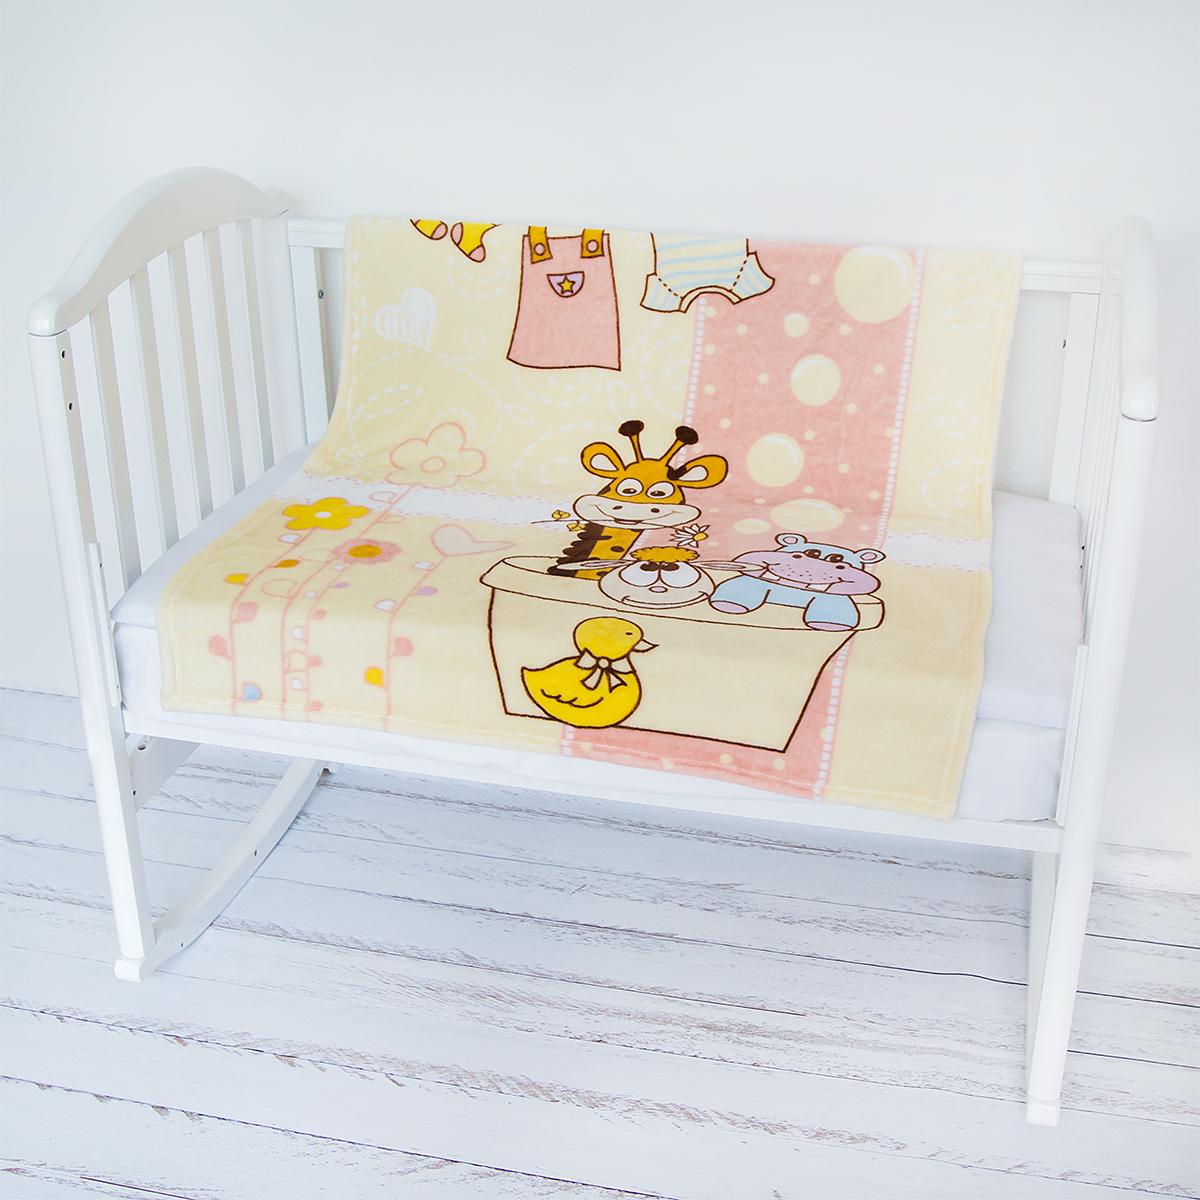 Baby Nice Плед-покрывало детский Micro Flannel Купание цвет розовыйV251284Нежные, очень комфортные к телу пледы-покрывала Micro Flannel детские - из нового необыкновенно мягкого и уютного, бархатистого, как плюшевая игрушка, материала - легкая воздухопроницаемая ткань, обладающая влагорегулирующими и терморегулирующими свойствами. Micro Flannel поддерживает температурный баланс, надежно сохраняет тепло, не раздражает кожу, является гипоаллергенным. Этот материал, достаточно новый для России, благодаря своему высокому качеству и необыкновенным потребительским свойствам, успел завоевать заслуженное признание за рубежом, особенно в Европе; обладает антипиллинговым свойством, не впитывает запахи, легок в стирке, не усаживается, быстро сохнет. Гипоаллергенными красителями нанесены эксклюзивные рисунки 3D.